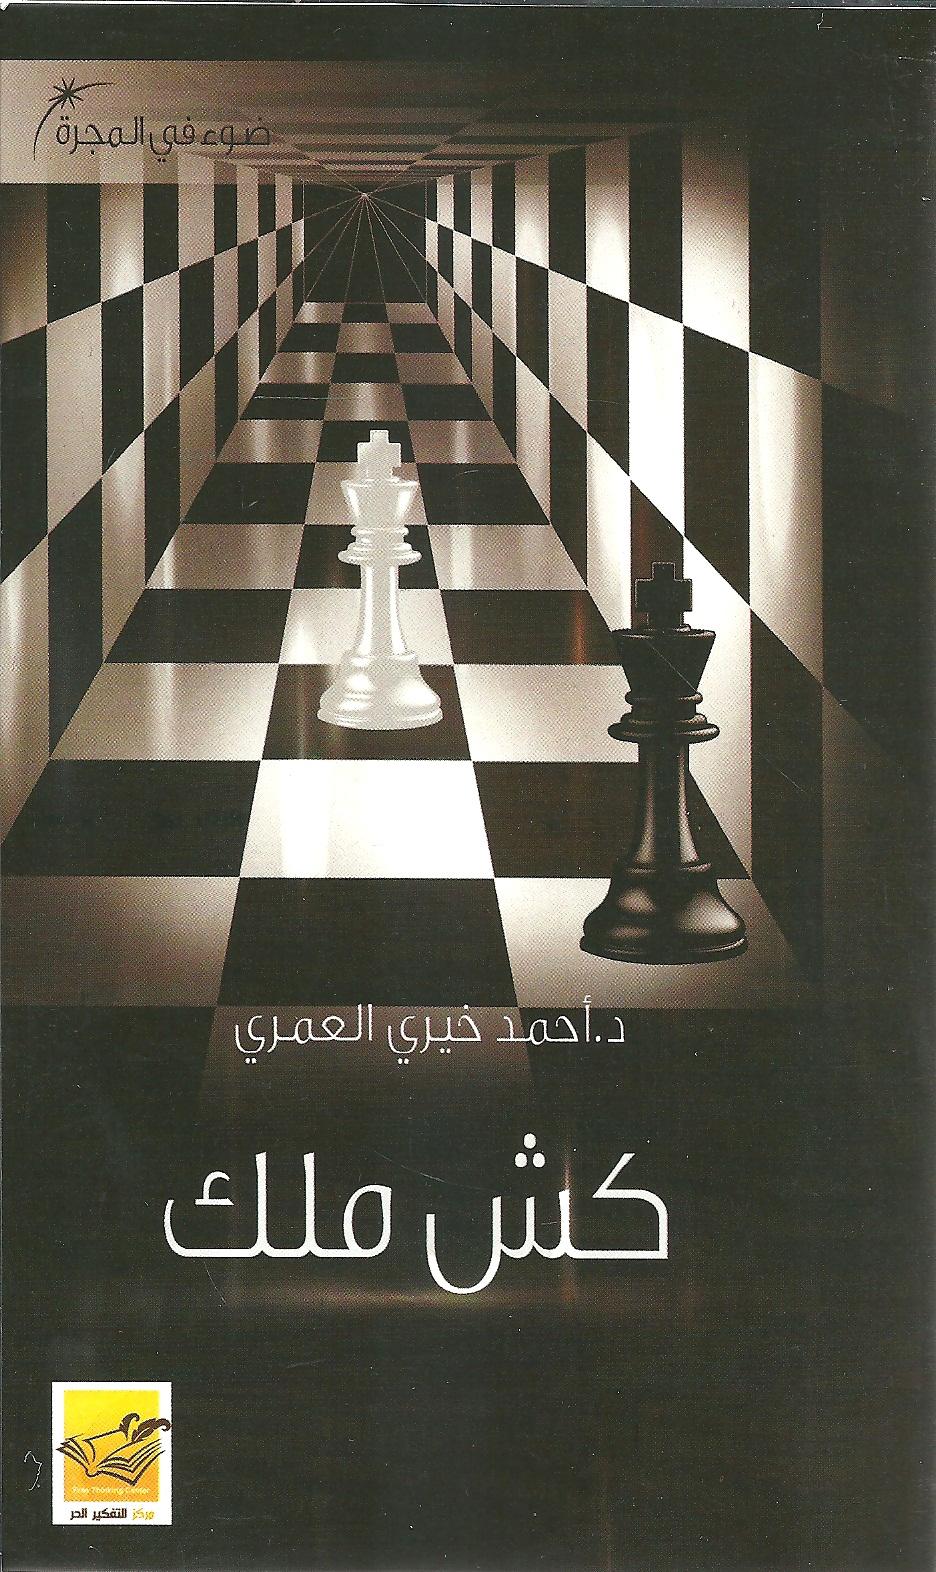 كتاب كش ملك - أحمد خيري العمري